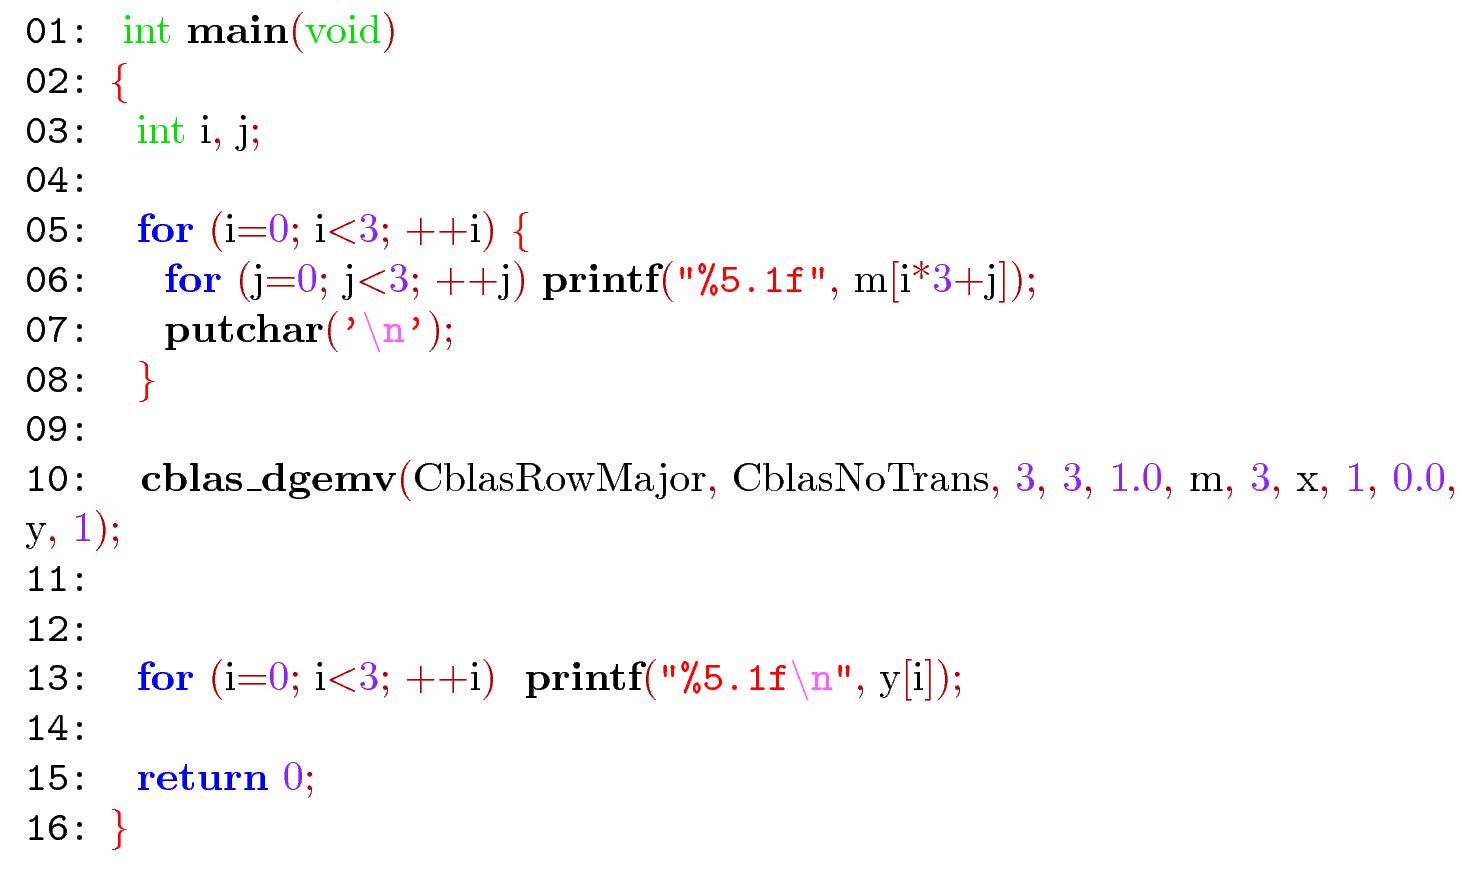 Как оформить исходный код программ в latex без адских страданий  Автор source highlight явно покуривает что то очень весёлое и бодрящее на что легко может возбудиться ФСКН Для работы всей этой светомузыки в преамбуле